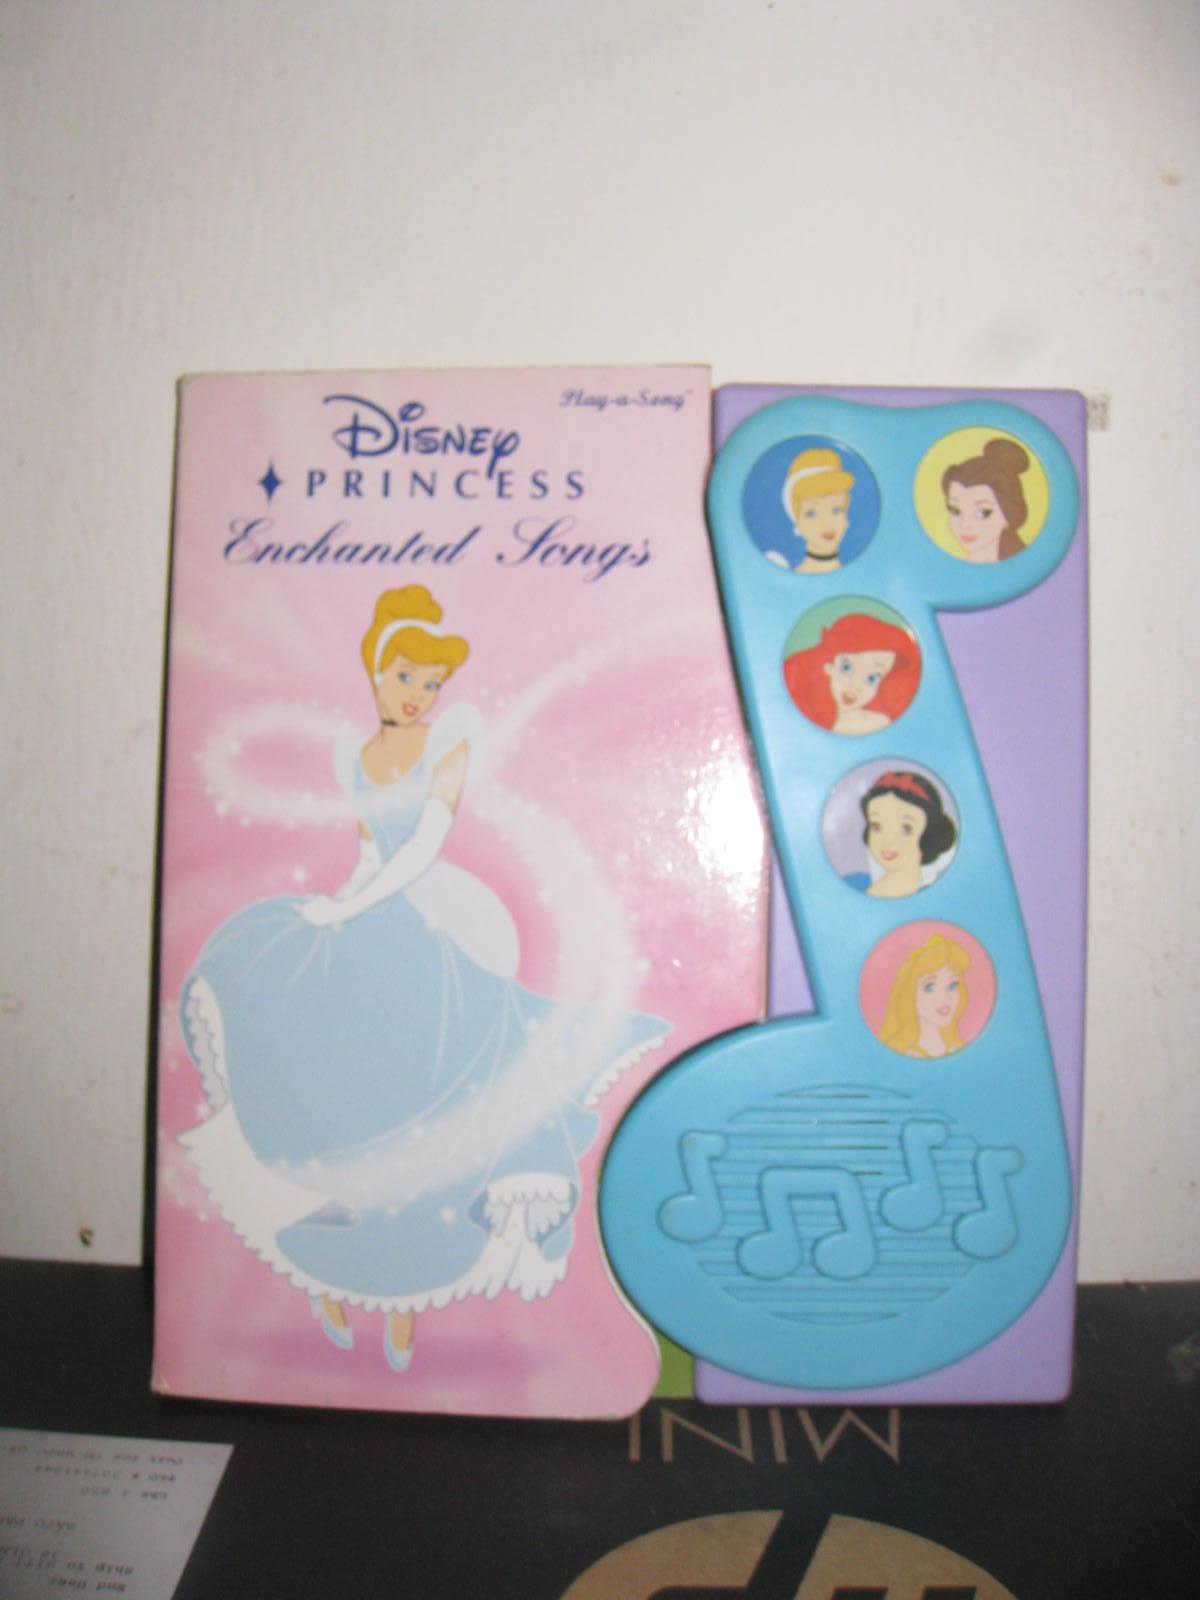 Mesya Amp Baby Wardrobe Disney Princess Musical Book